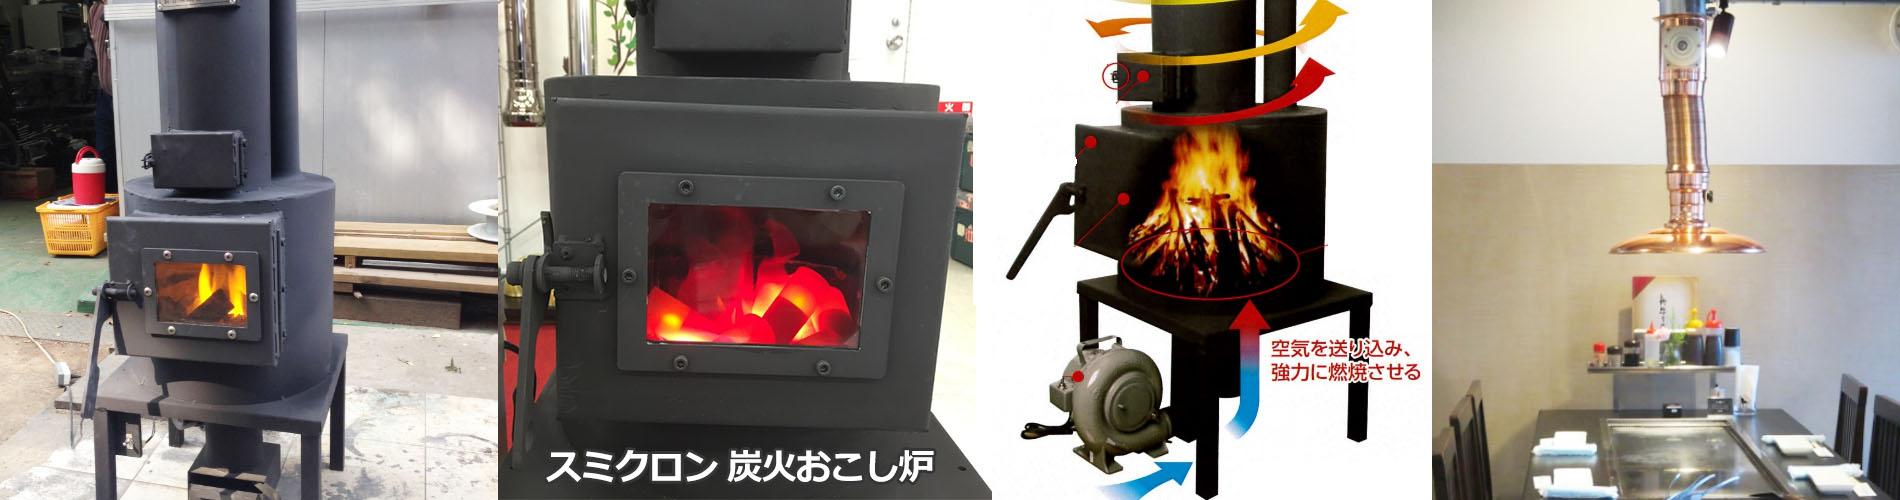 焼肉屋の炭火おこし炉 スミクロン